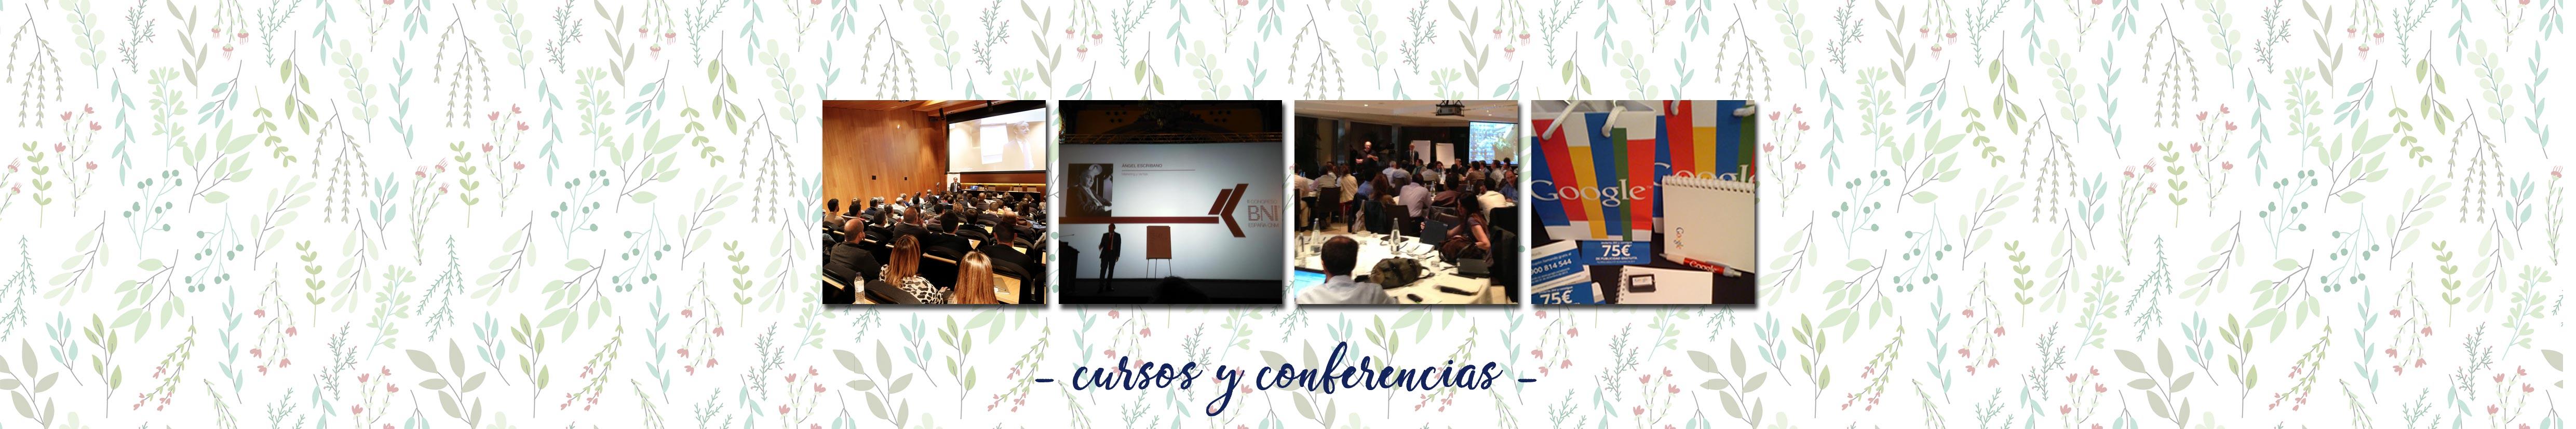 conferencias3b